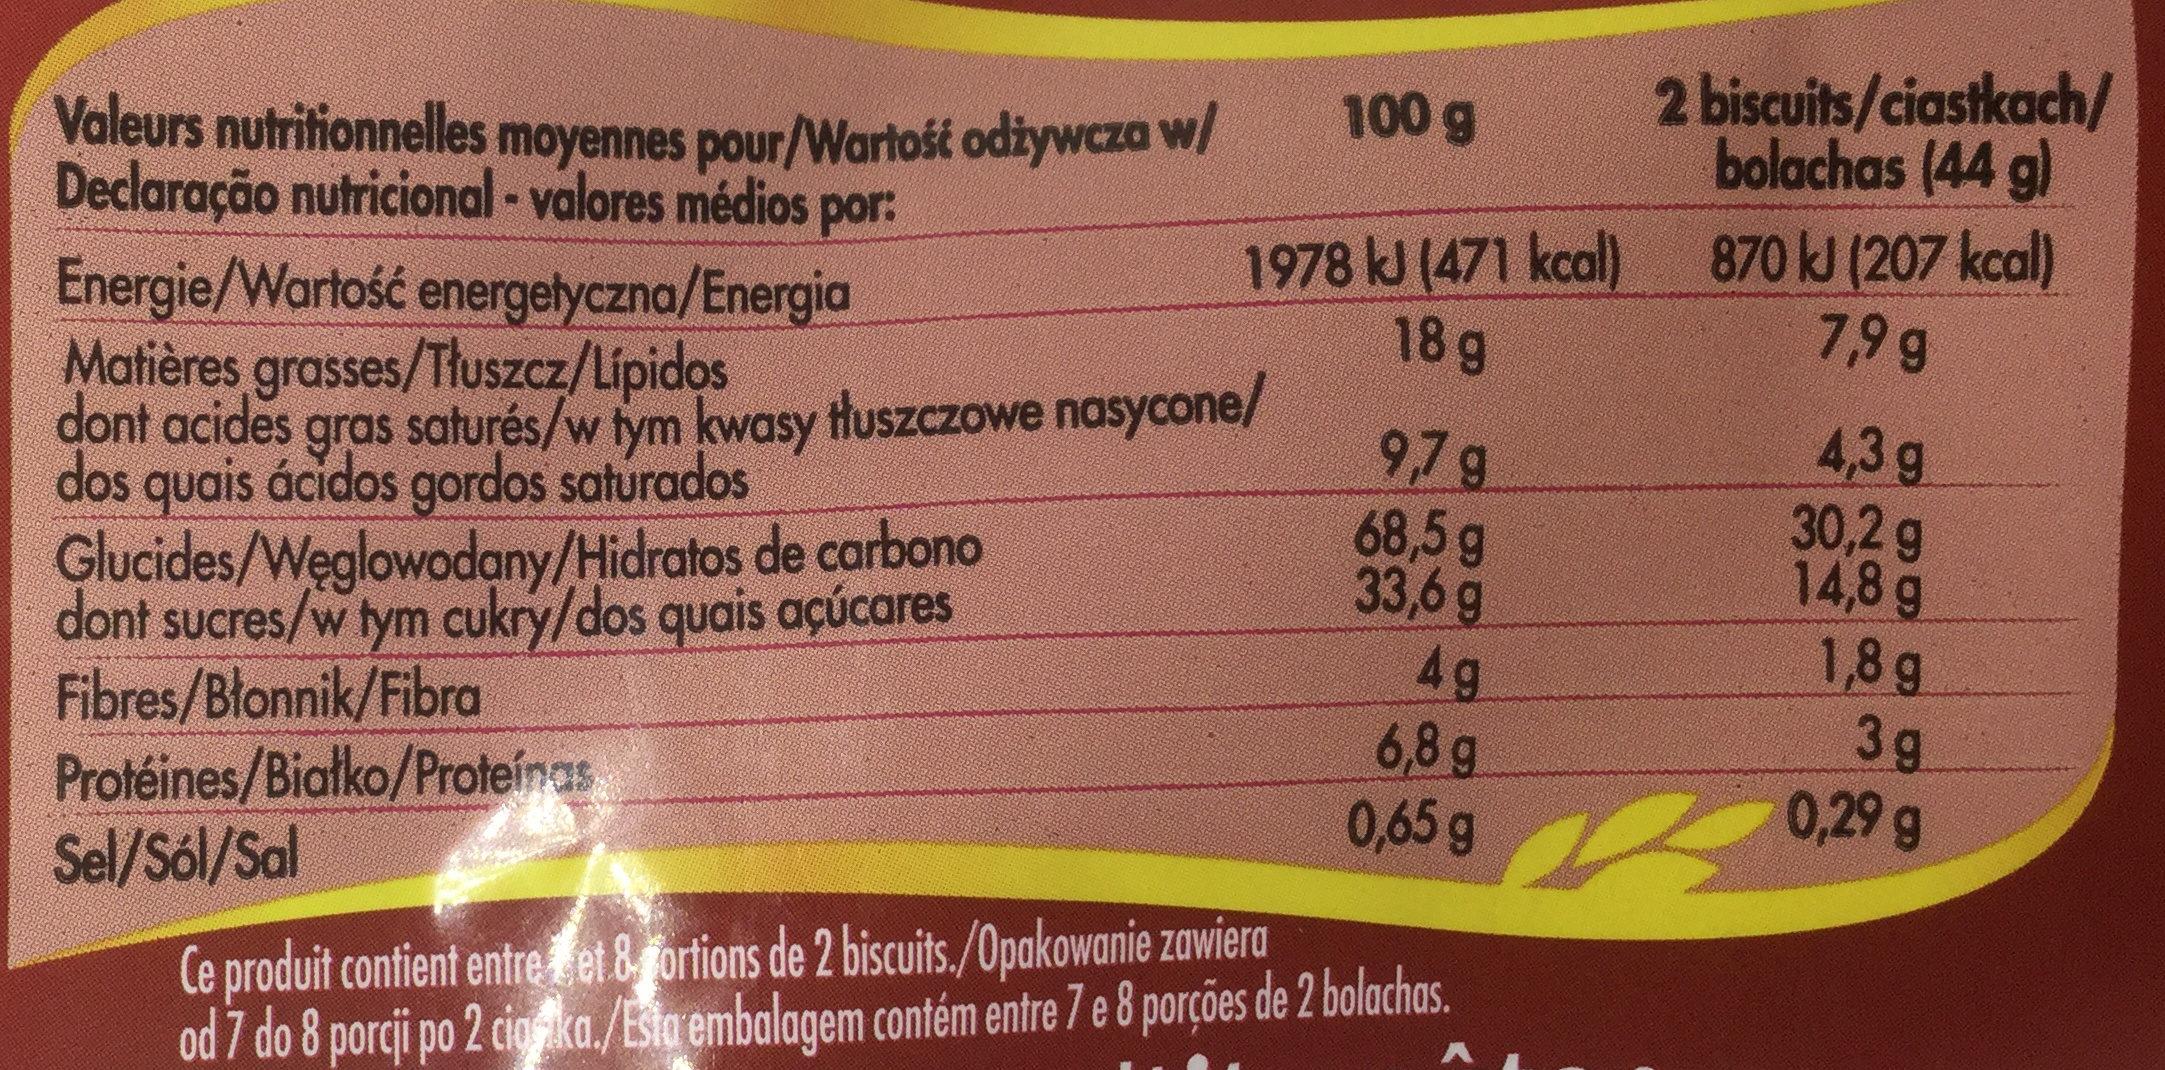 Goûter Crok parfum tout chocolat - Informação nutricional